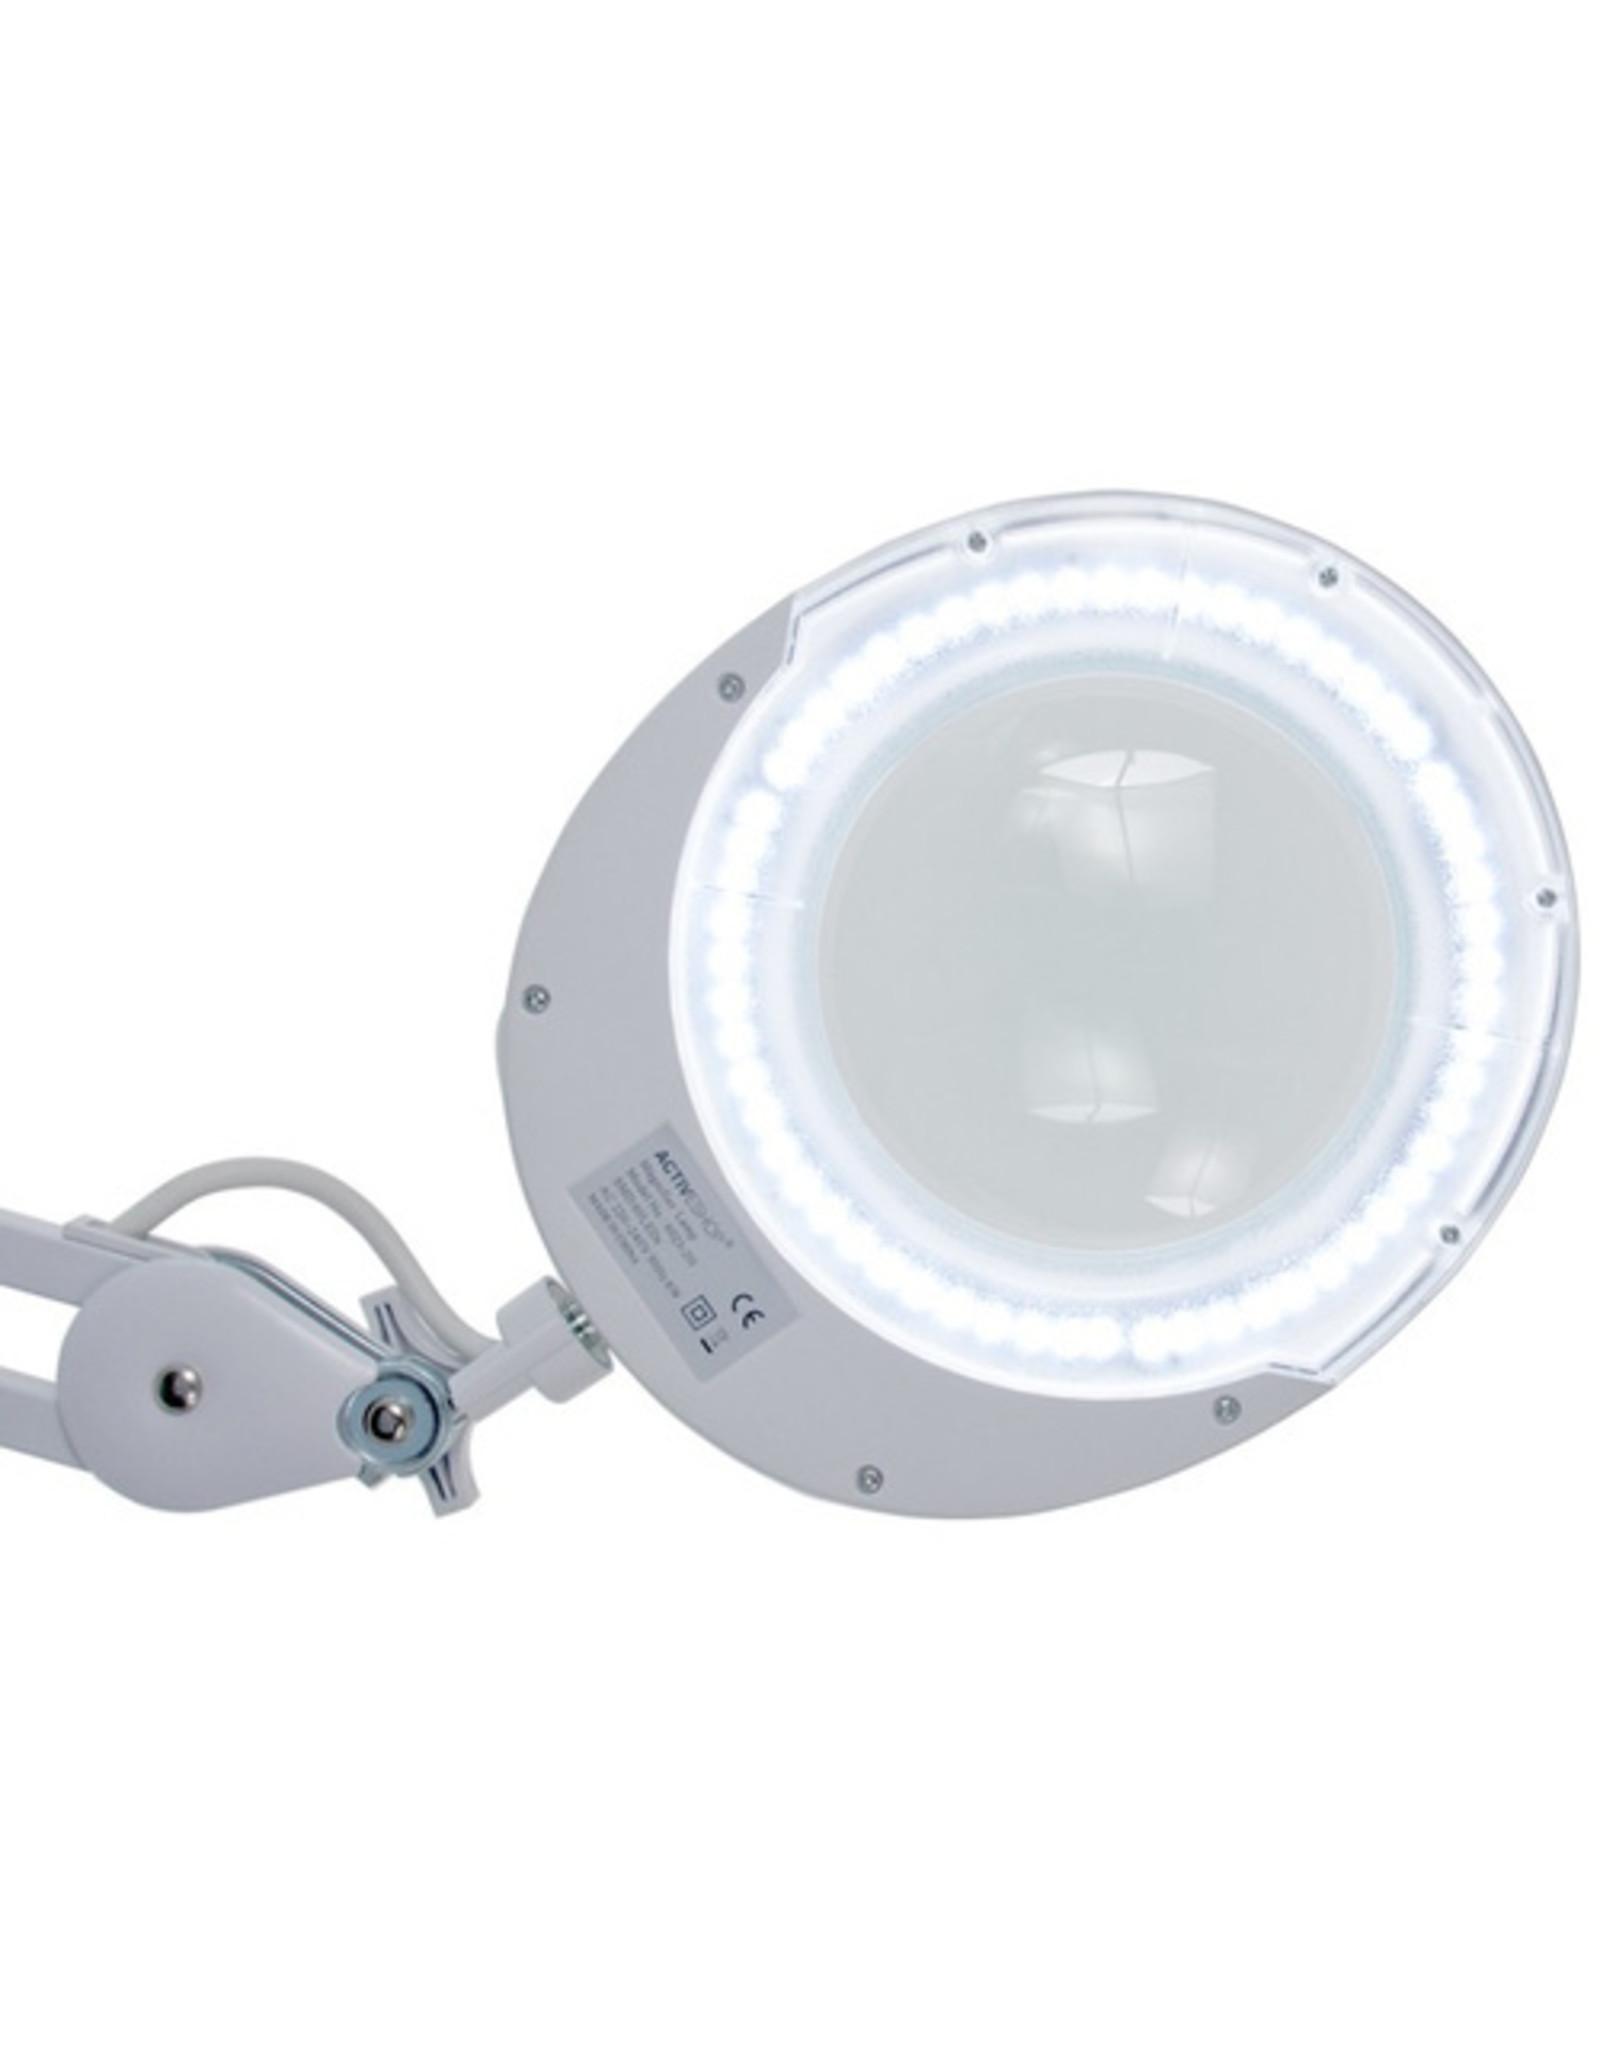 Merkloos Loeplamp LED voor tafelklem